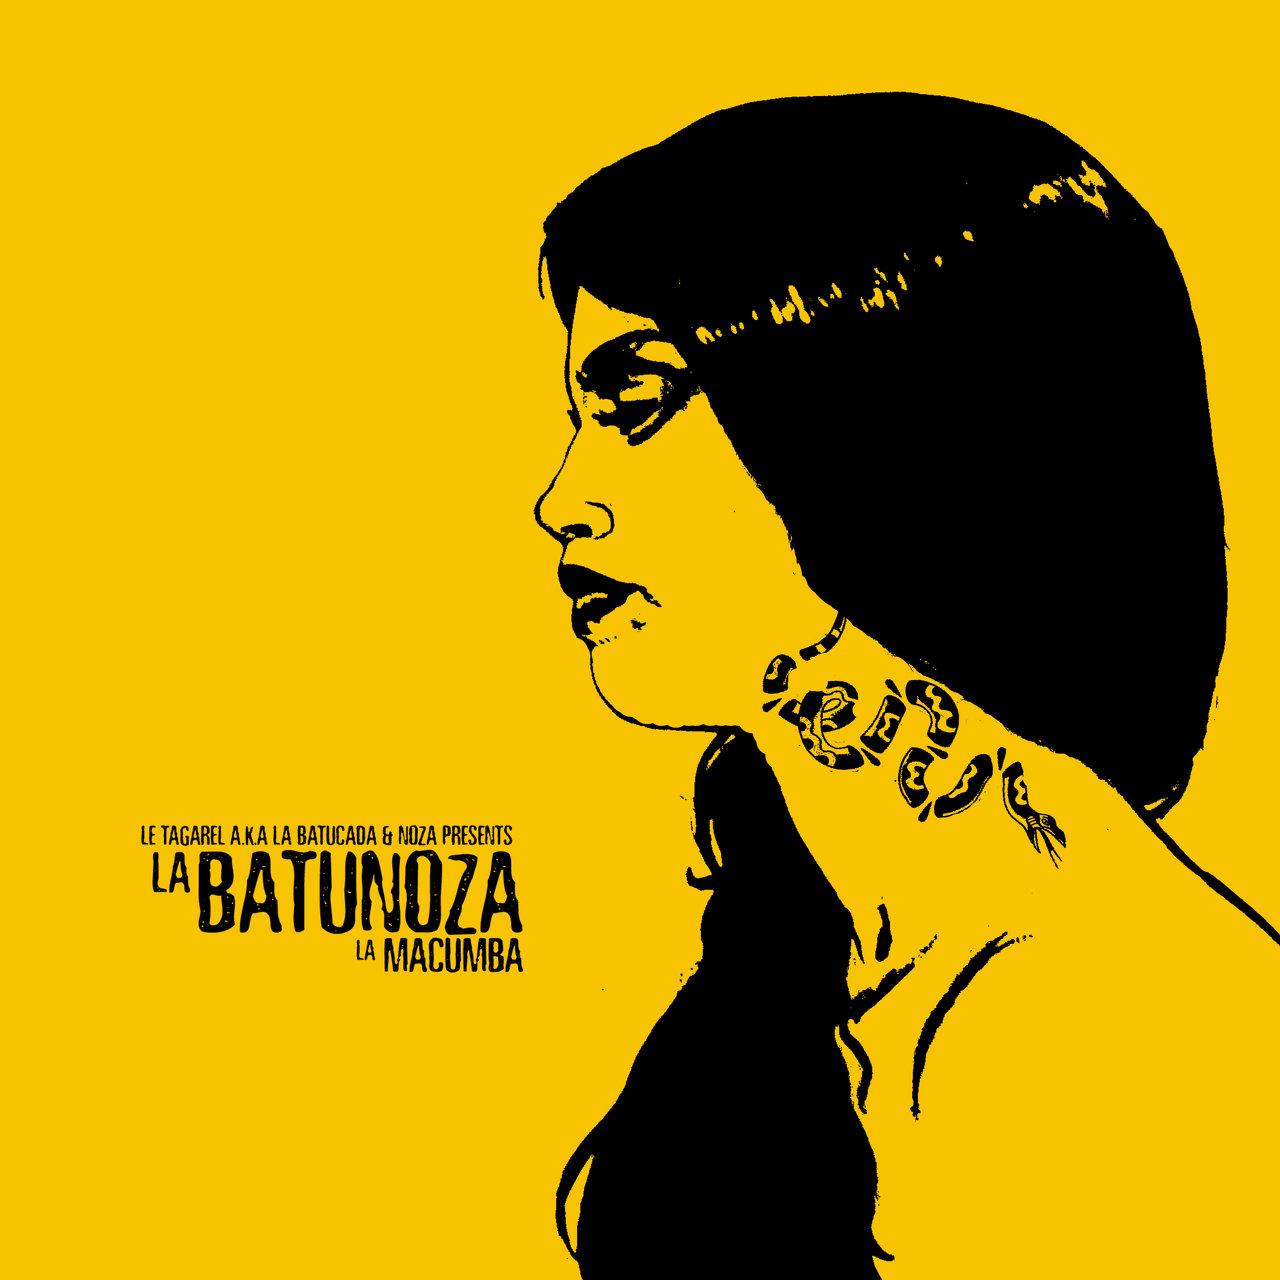 LA BATUNOZA AVANT B.jpg